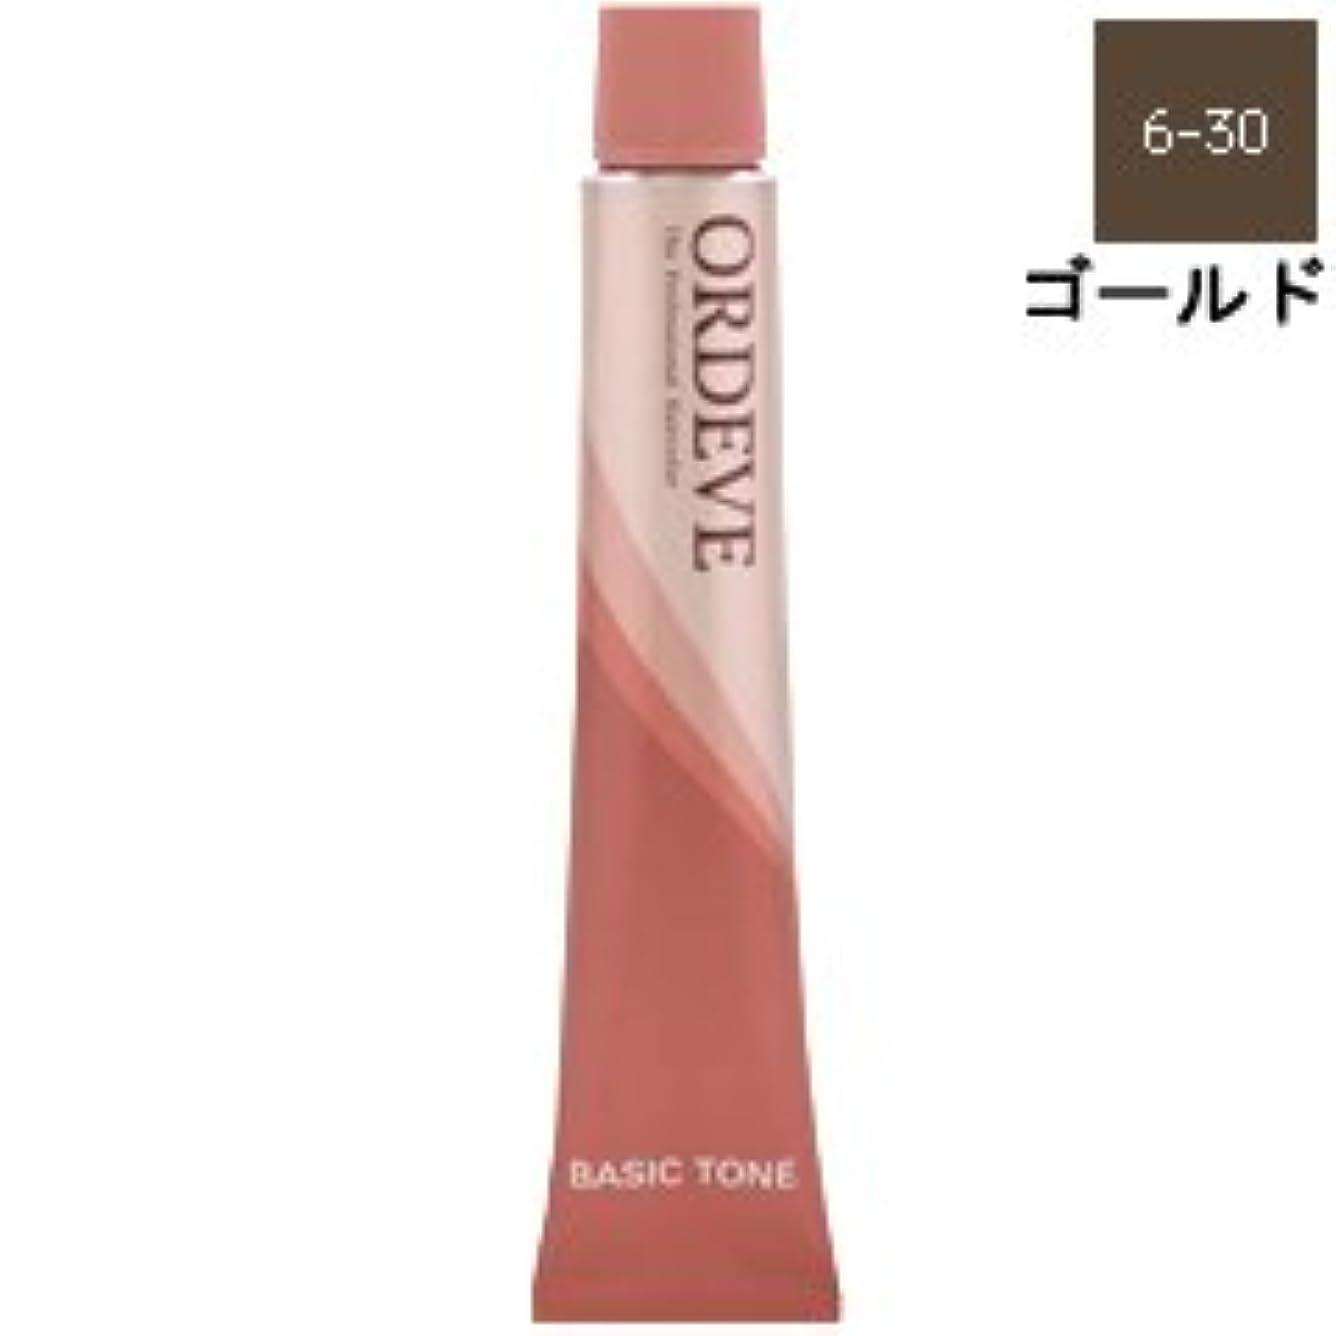 酸化物変更可能蒸発【ミルボン】オルディーブ ベーシックトーン #06-30 ゴールド 80g